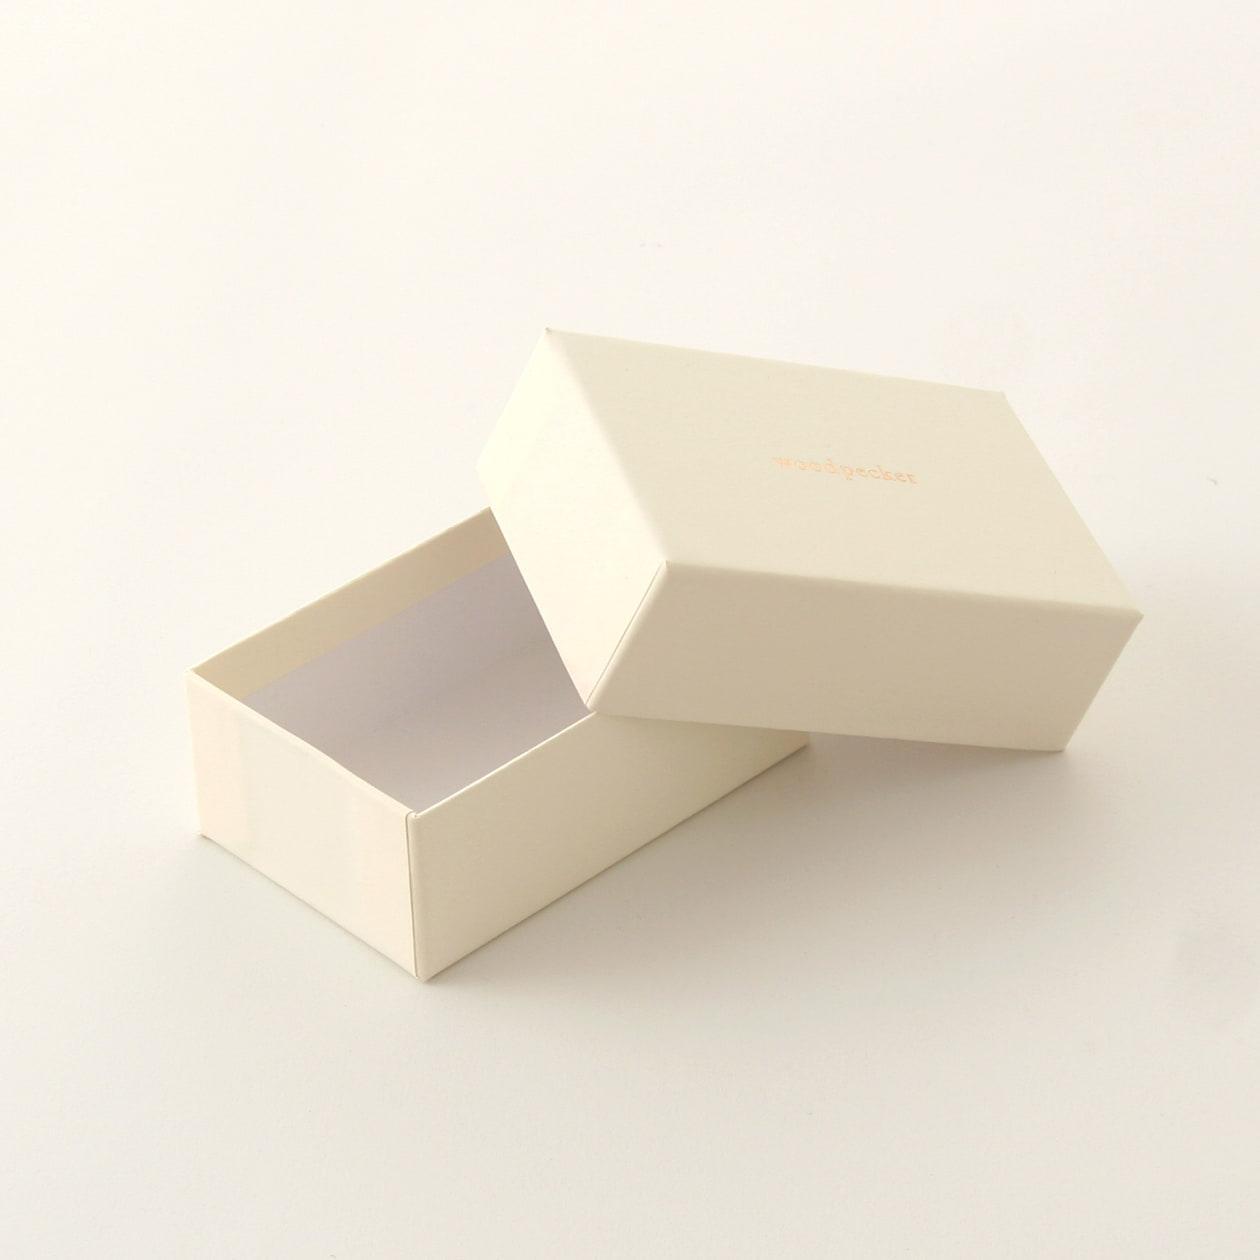 シンプルで上質な商品箱